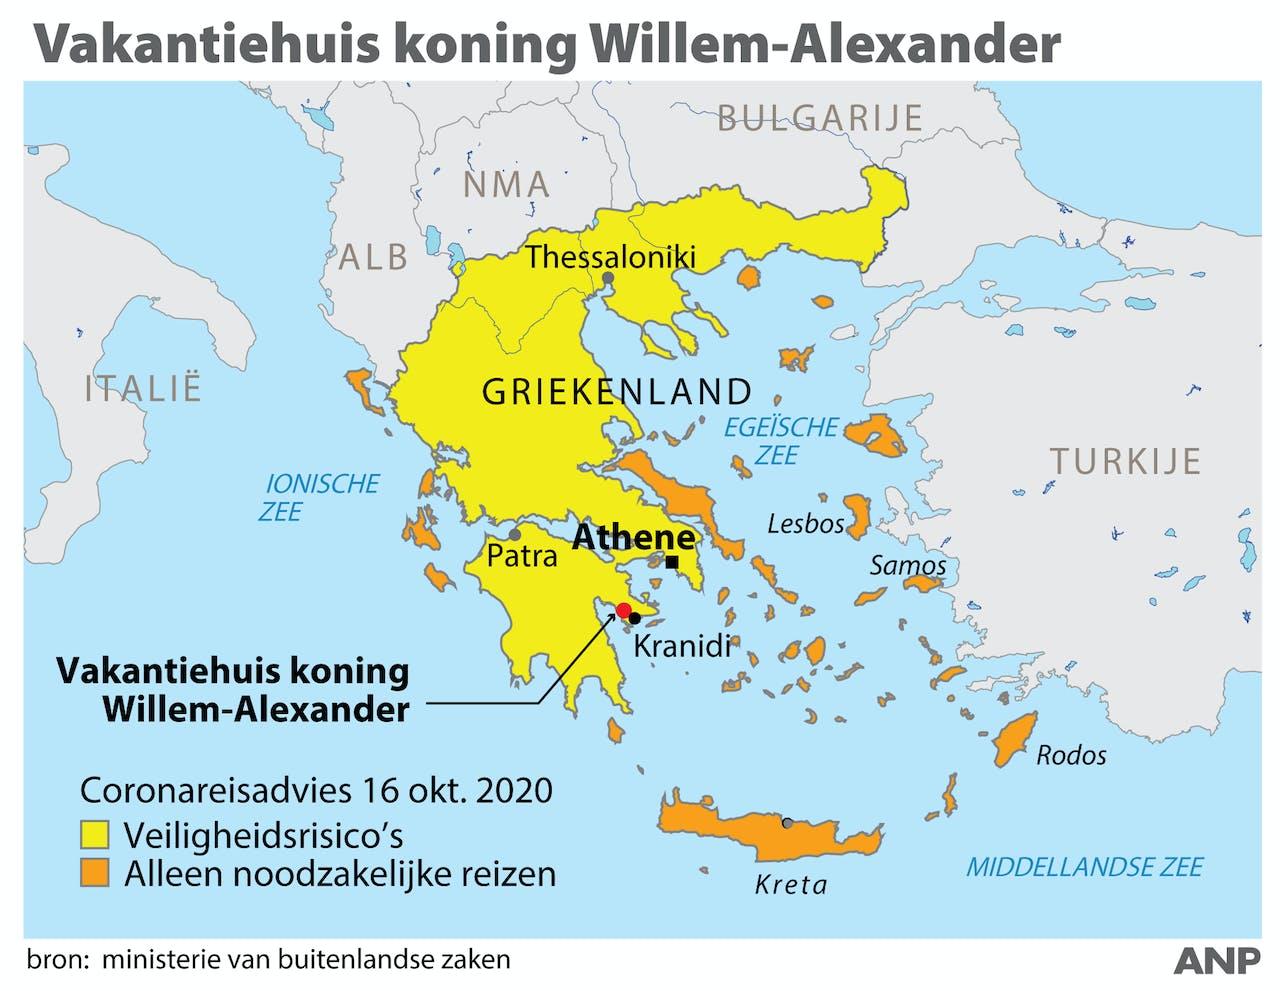 Eergernis over vakantie koning Willem-Alexander naar Griekenland.. Locatie vakantiehuis Nederlandse koninklijke familie + reisadviezen corona. ANP INFOGRAPHICS